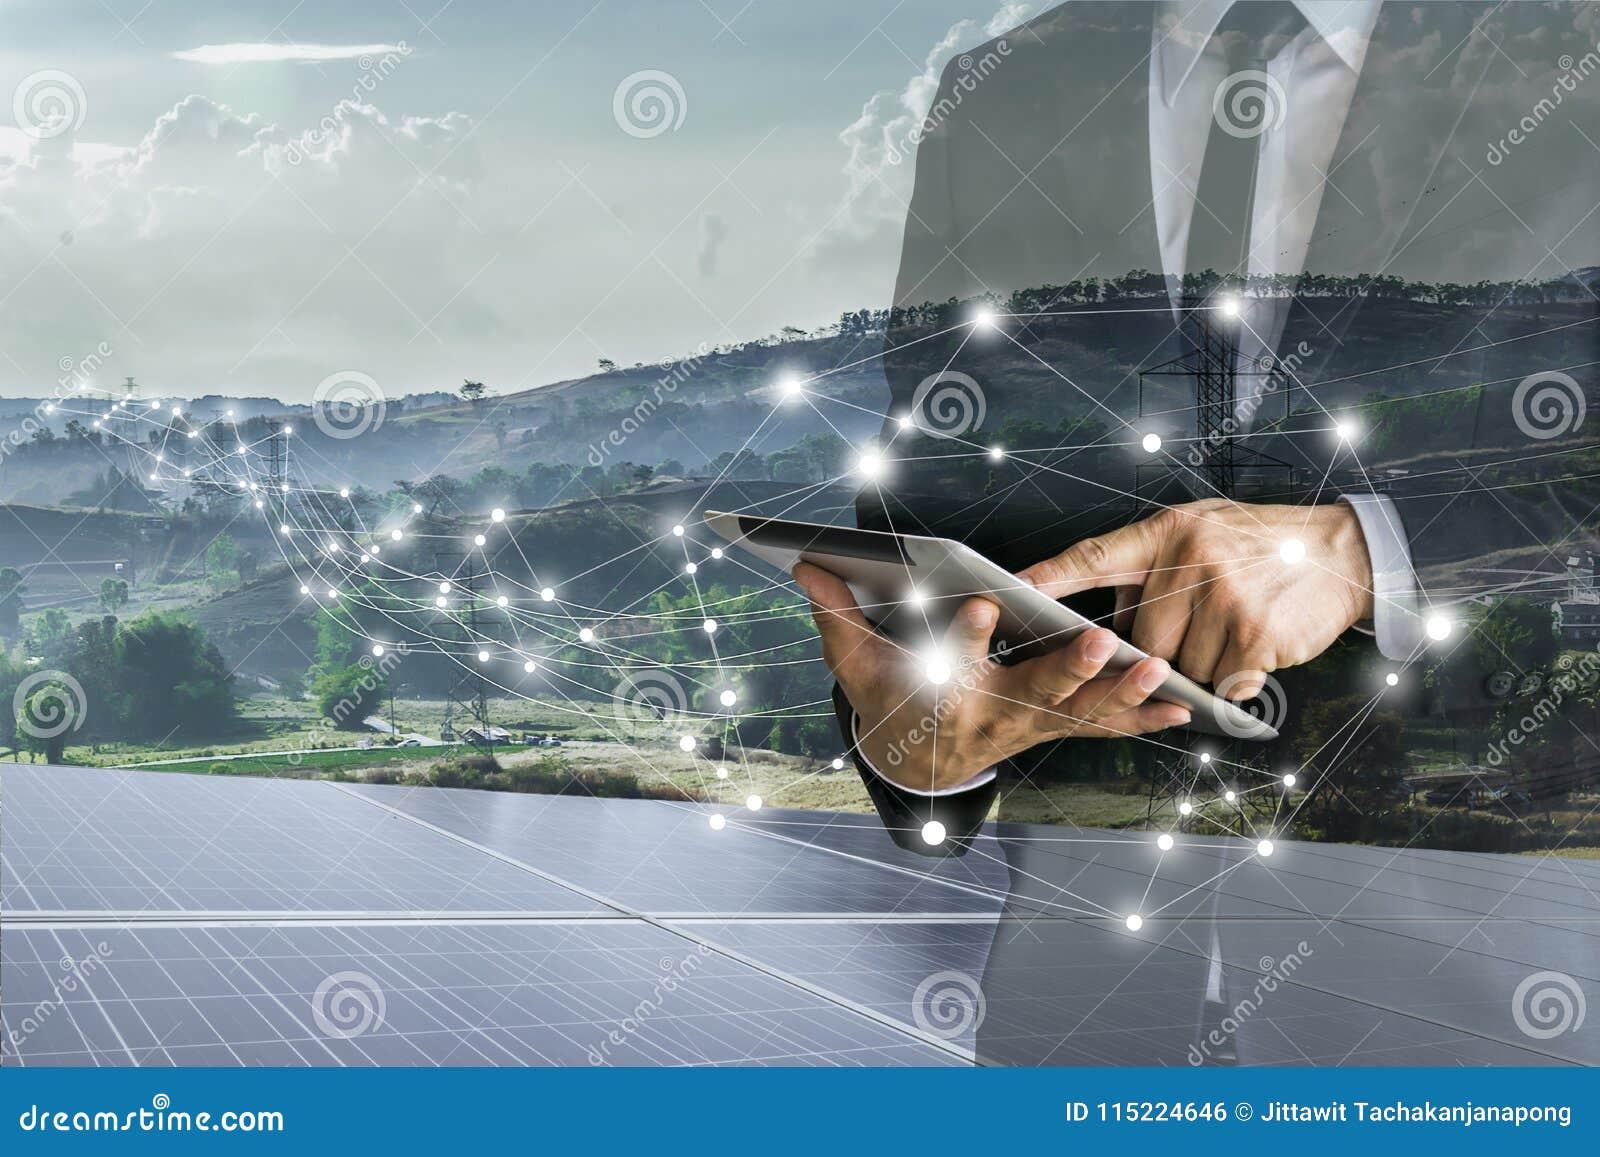 Ηλιακά κύτταρα Οι επιχειρηματίες υπολογίζουν την επένδυση